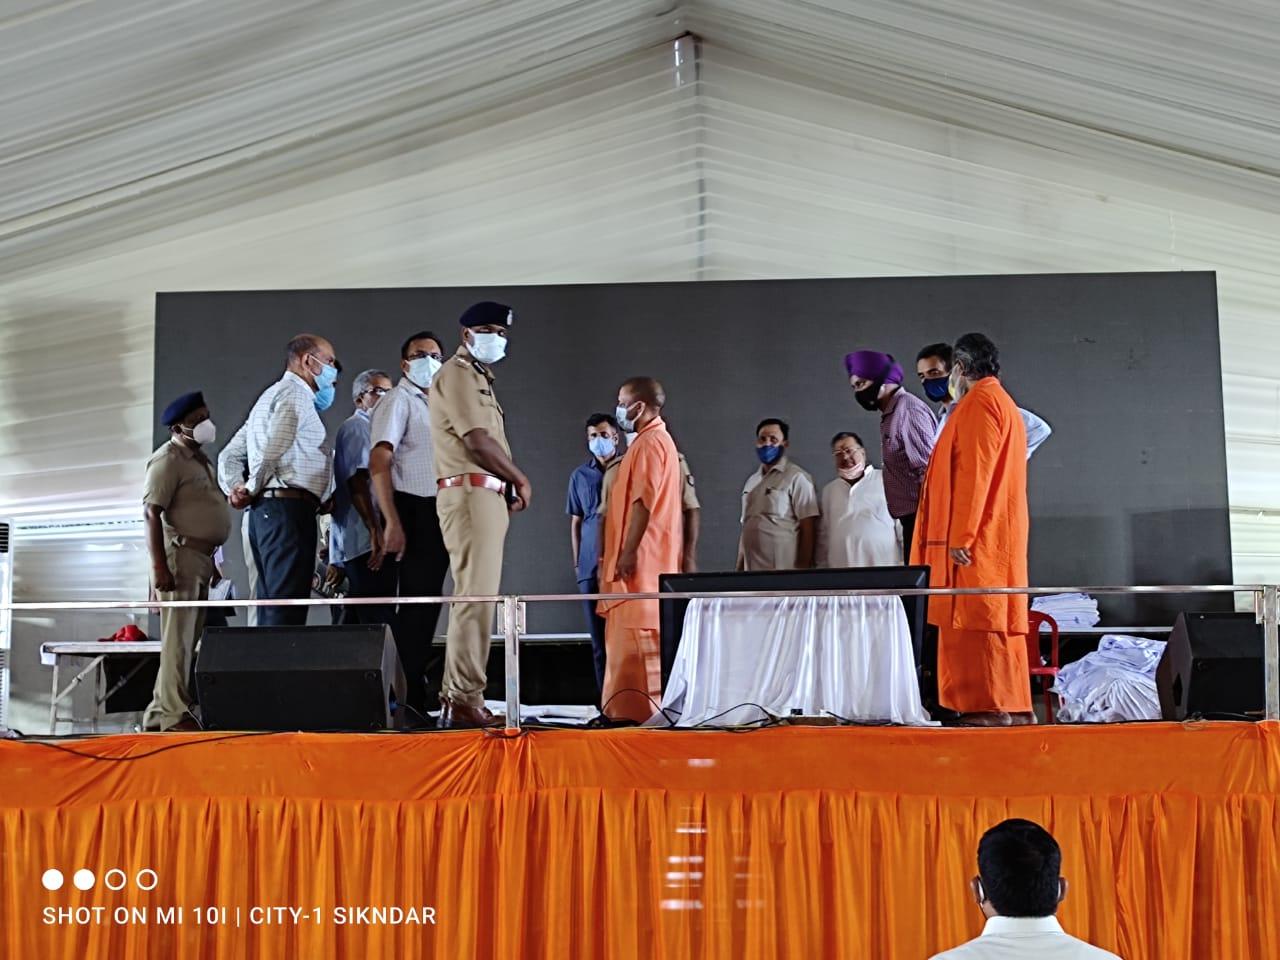 UP: शनिवार गोरखपुर जायेंगे राष्ट्रपति रामनाथ कोविंद, तैयारियों का जायजा लेने पहुंचे सीएम योगी